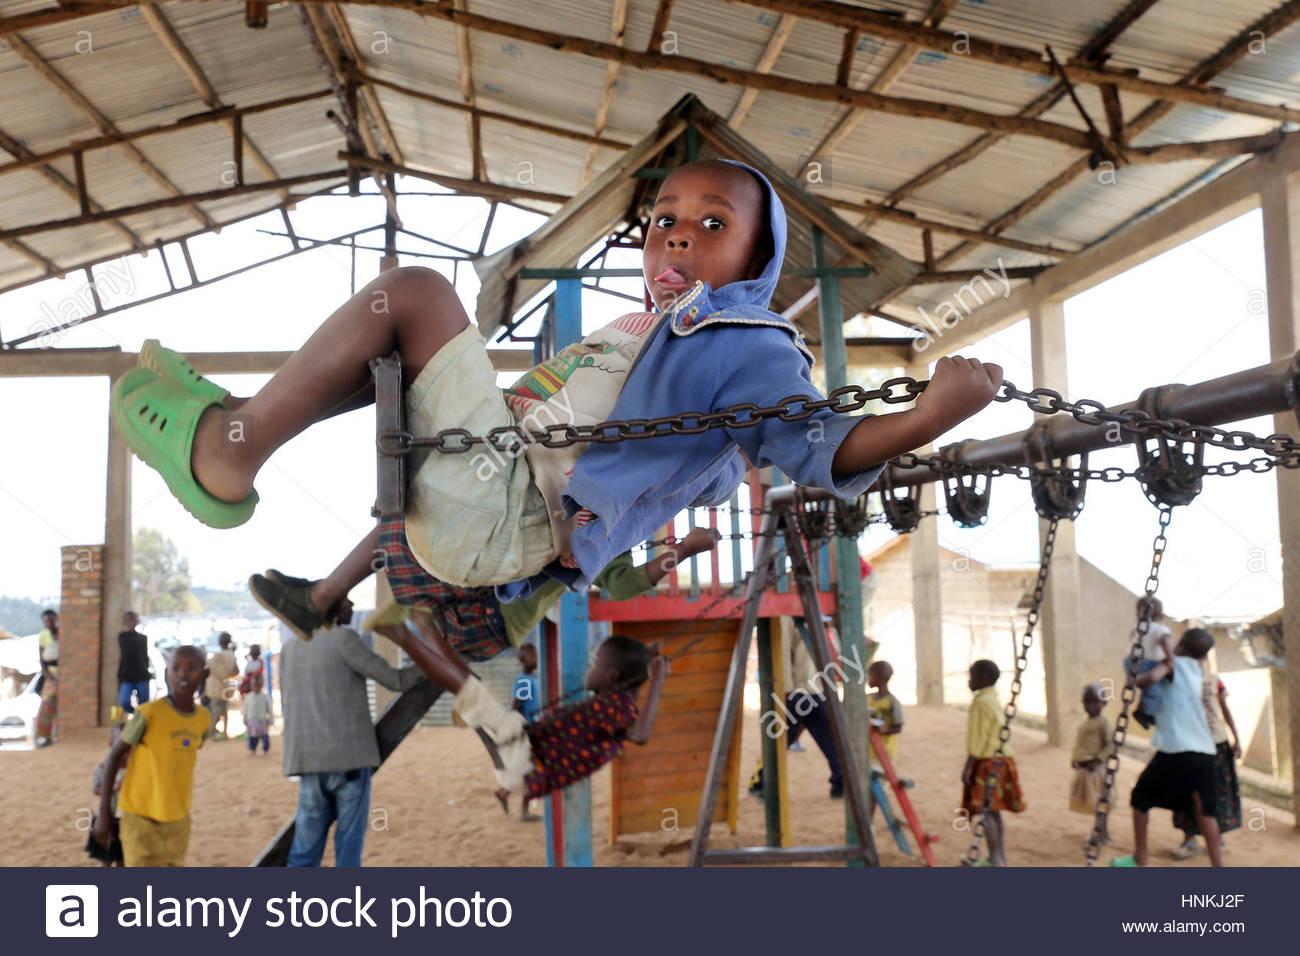 Garçon Sur Une Balançoire, Aire De Jeux Pour Enfants Dans Le à Jeux Africains Pour Enfants